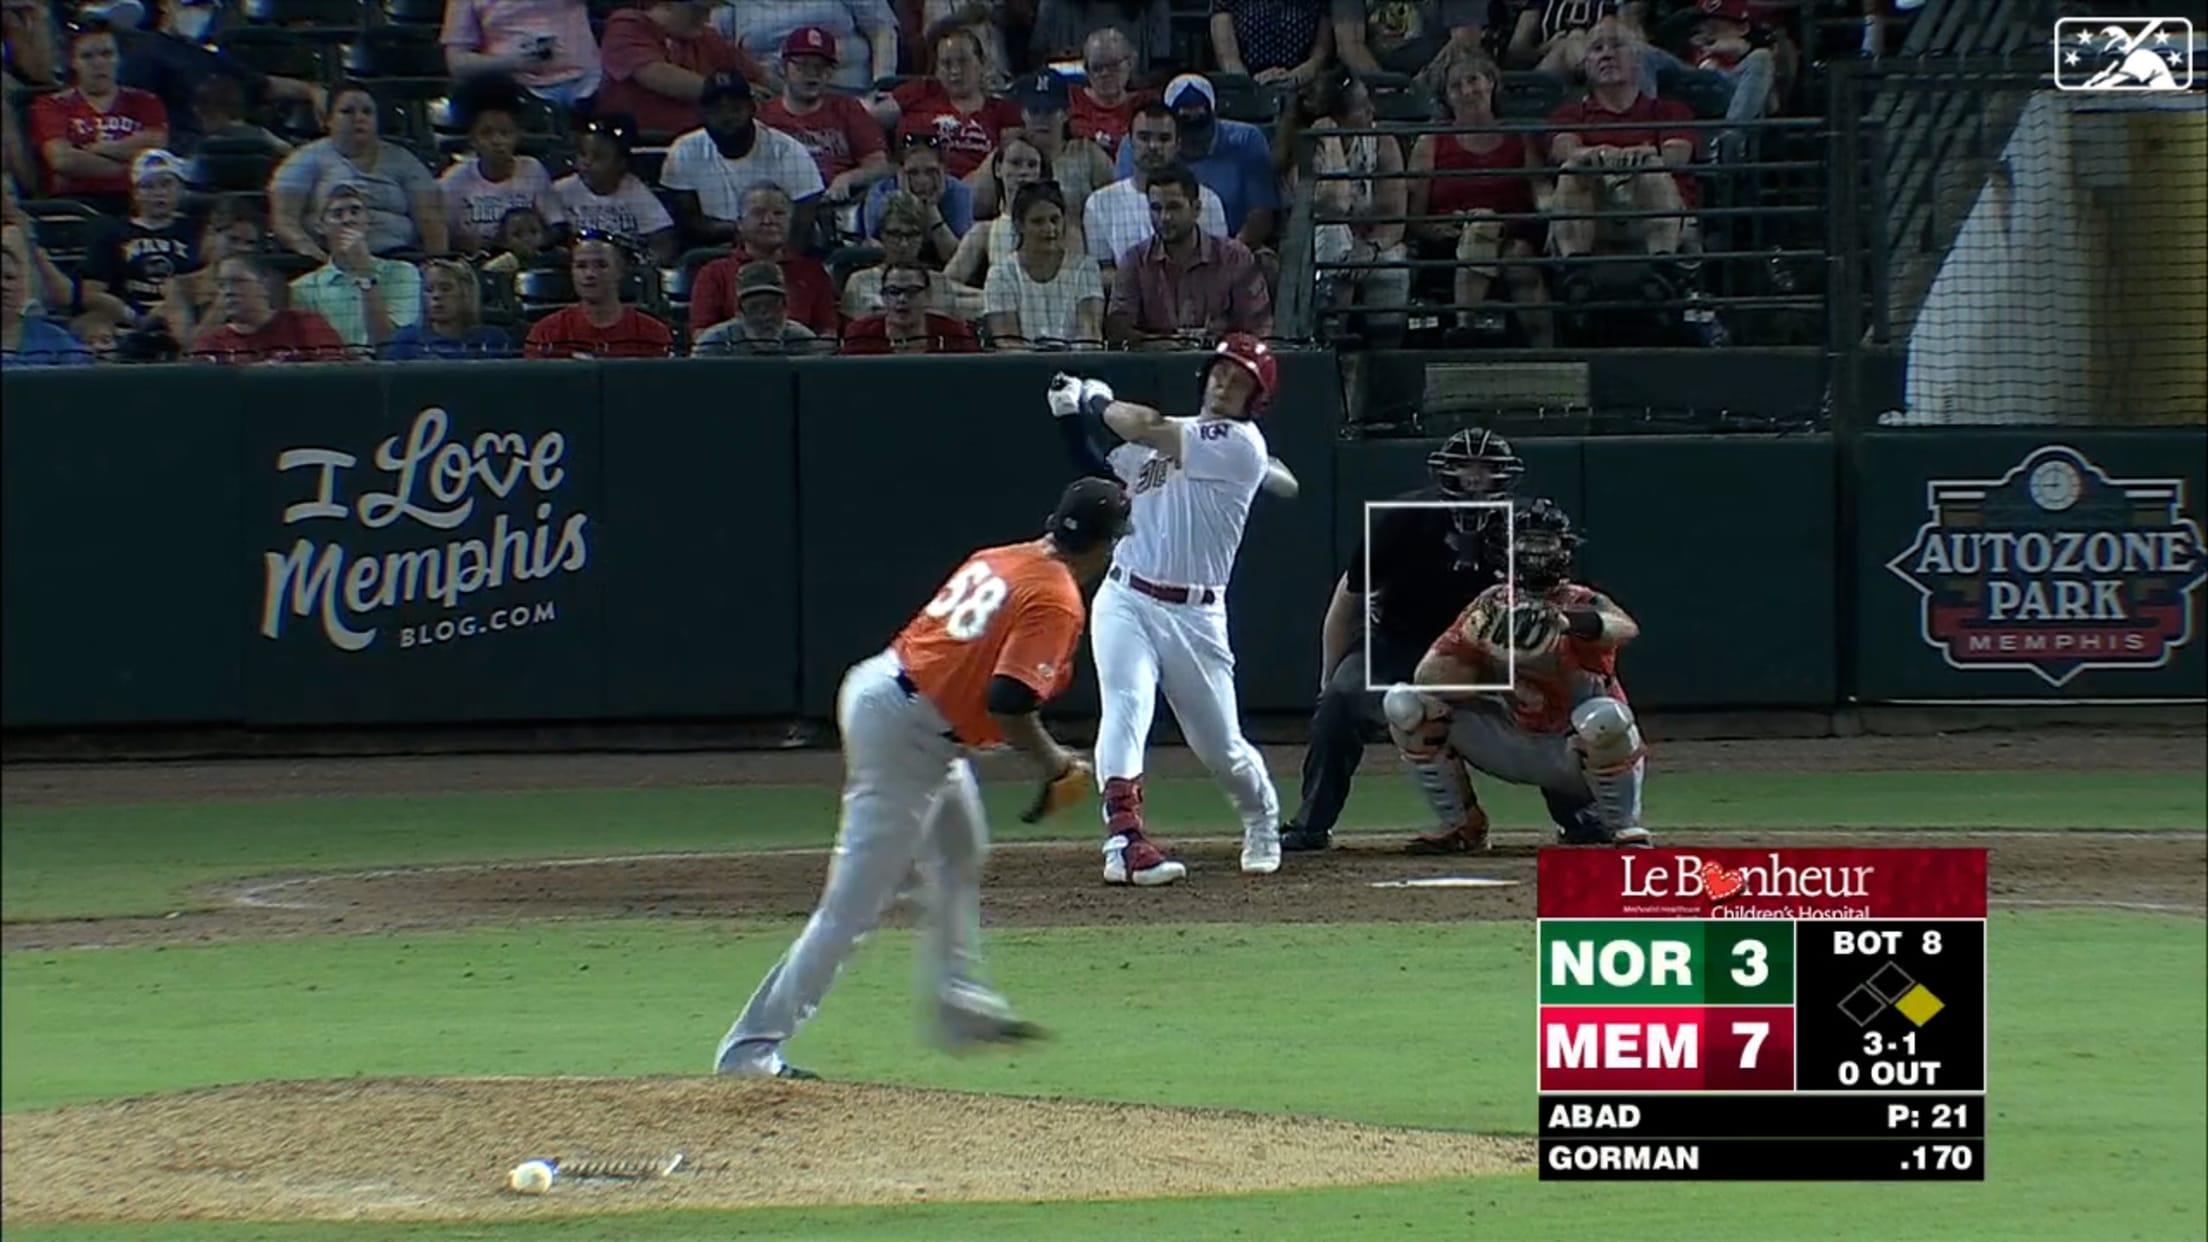 Gorman's 2-run homer for Memphis